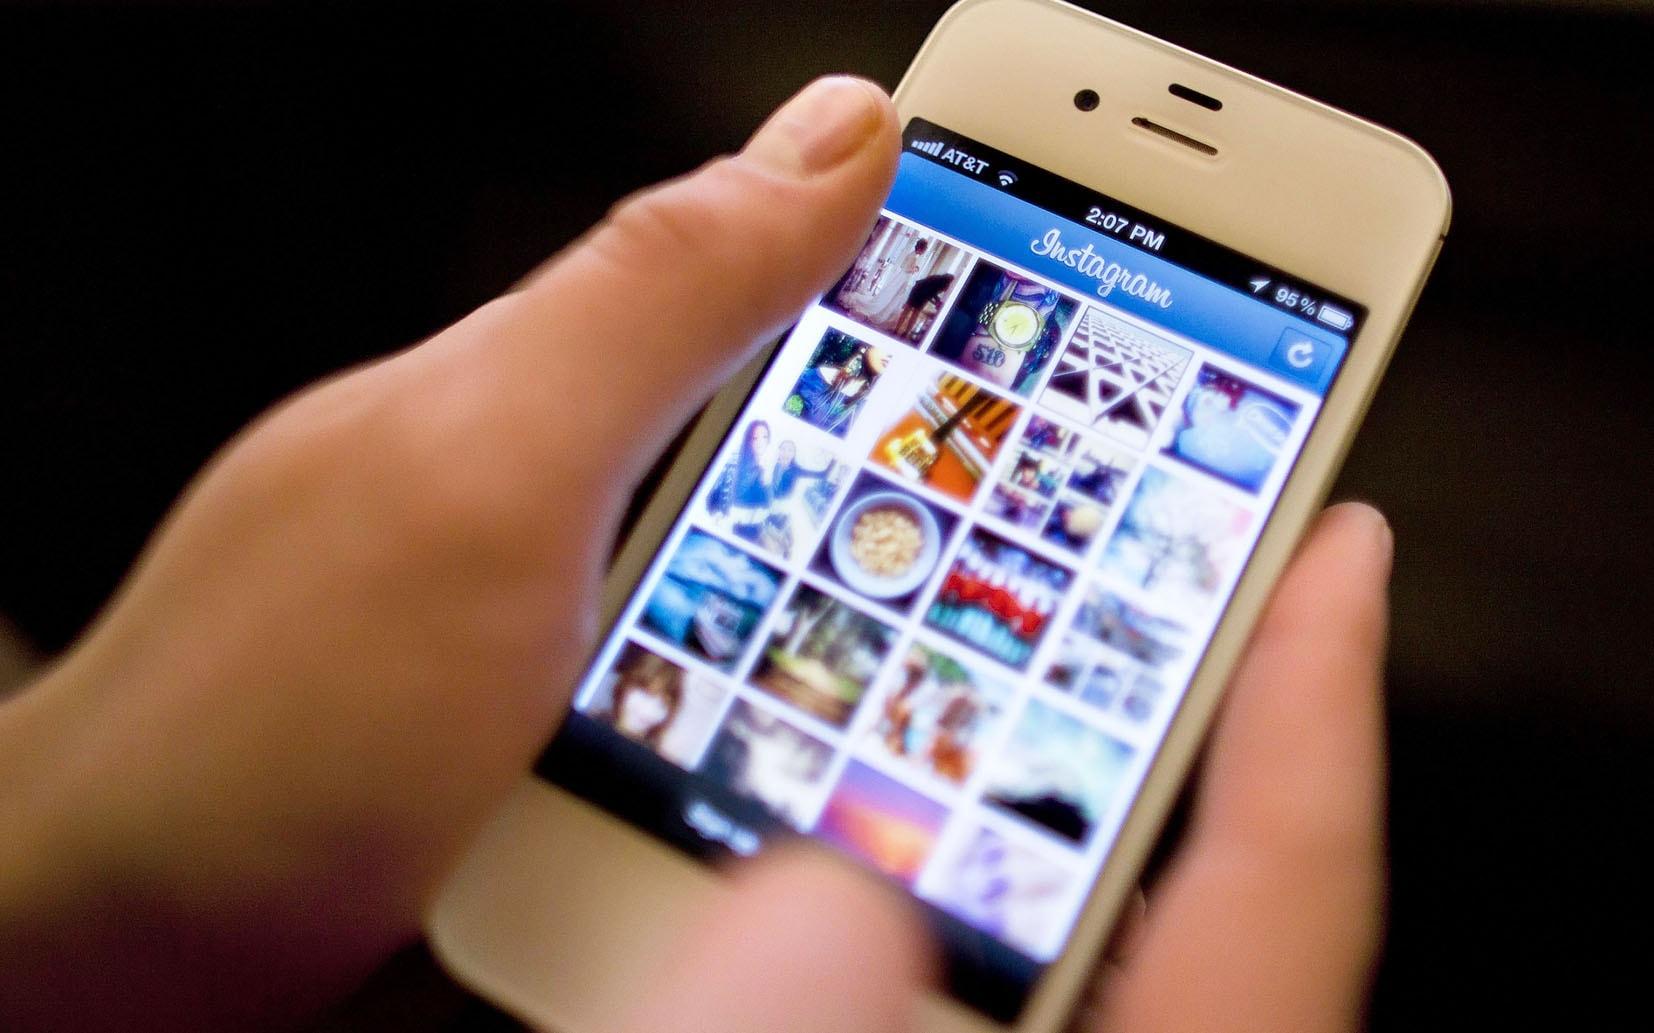 Социальные сети: болезнь или спасение? инстаграм